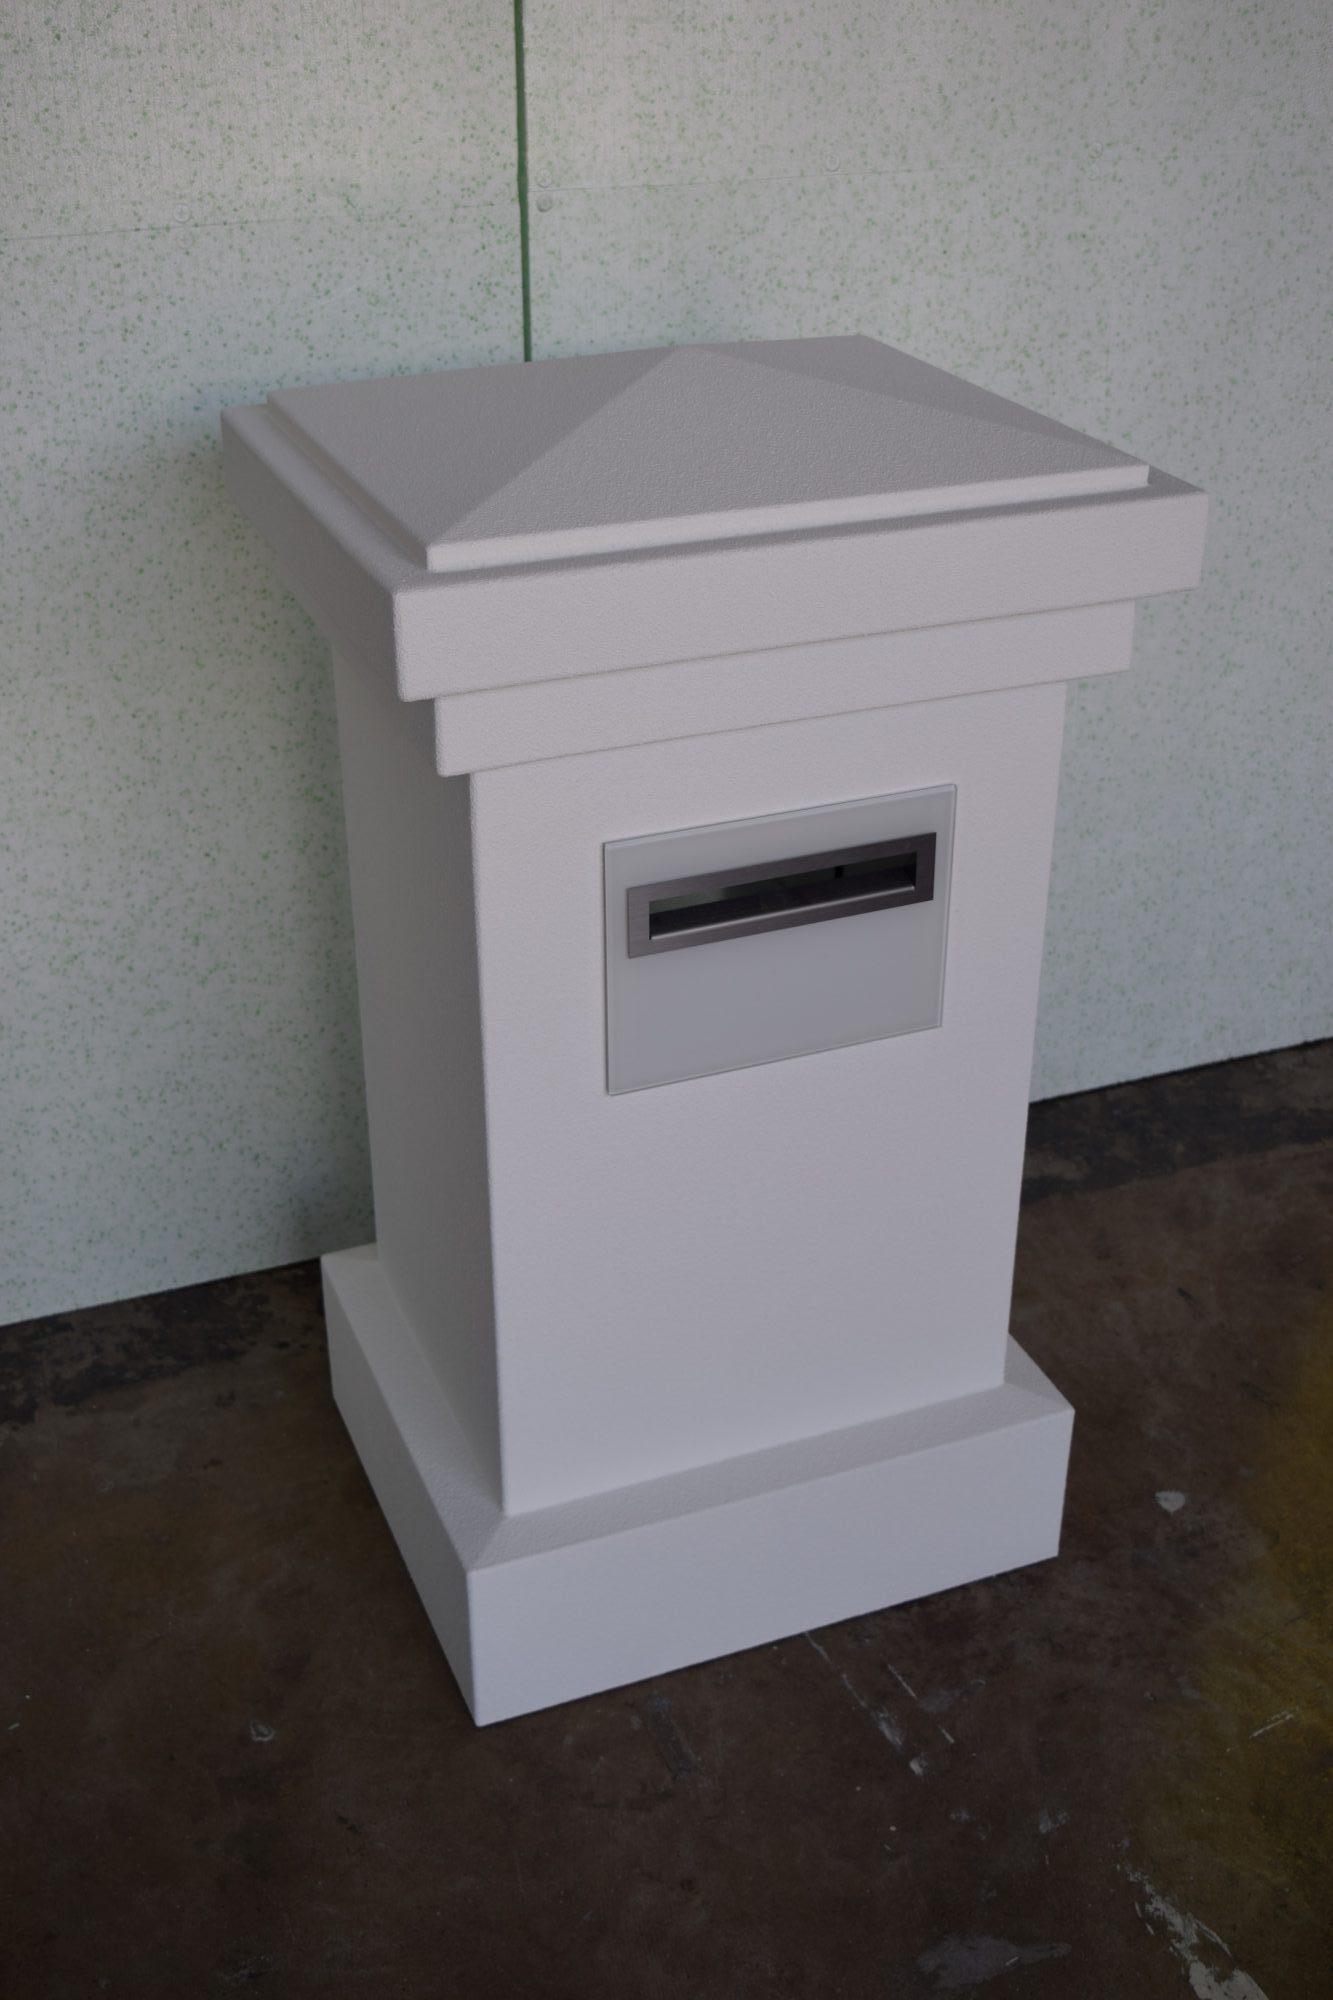 M4 e1552282561208 - Letterboxes